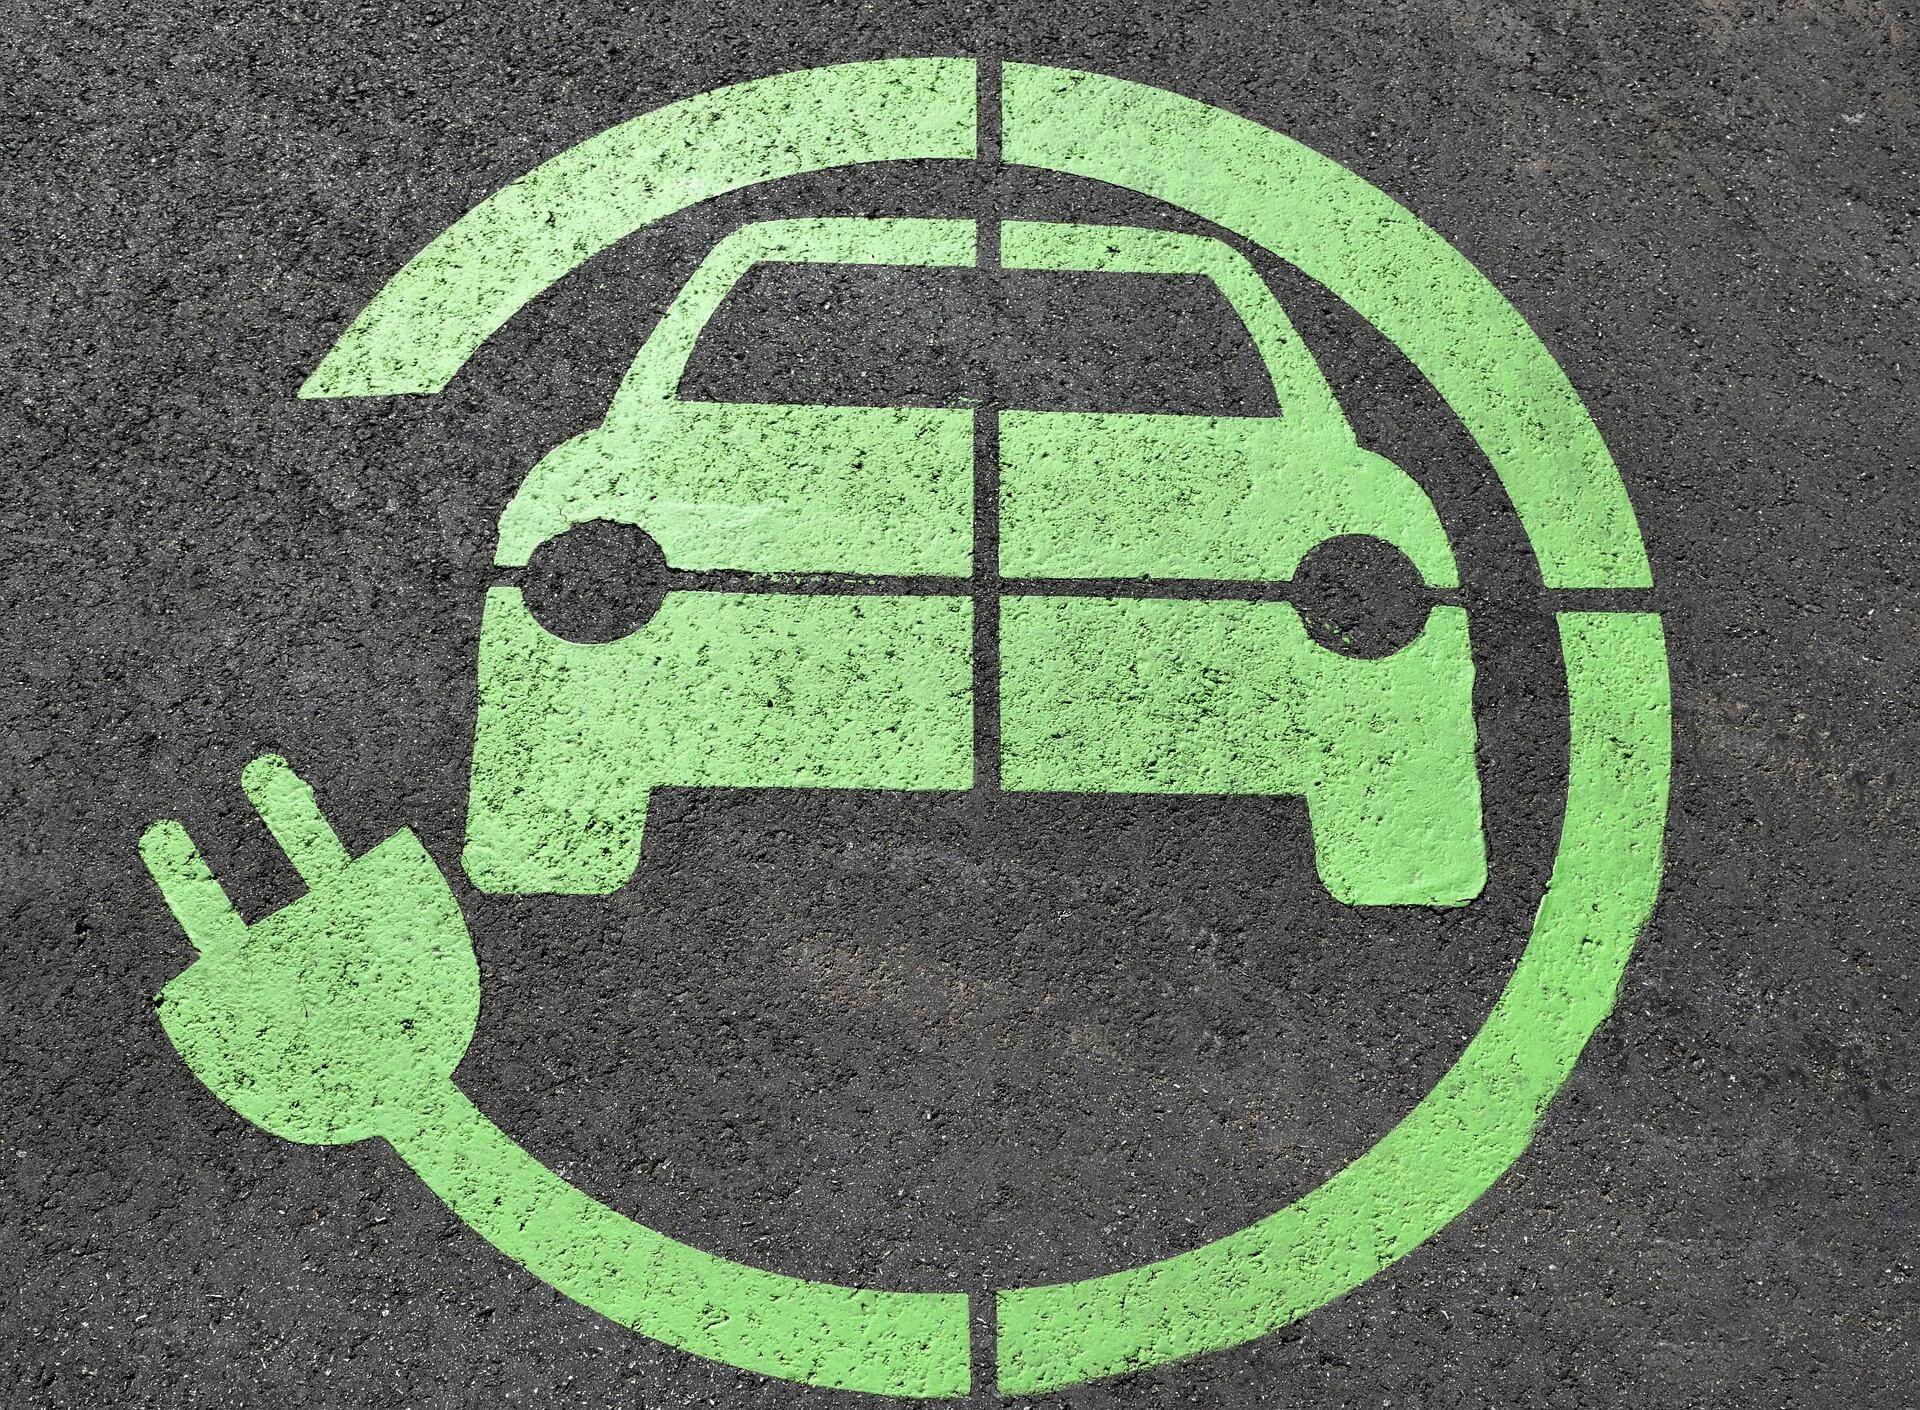 La sostenibilitat i la mobilitat elèctrica, claus per a la...